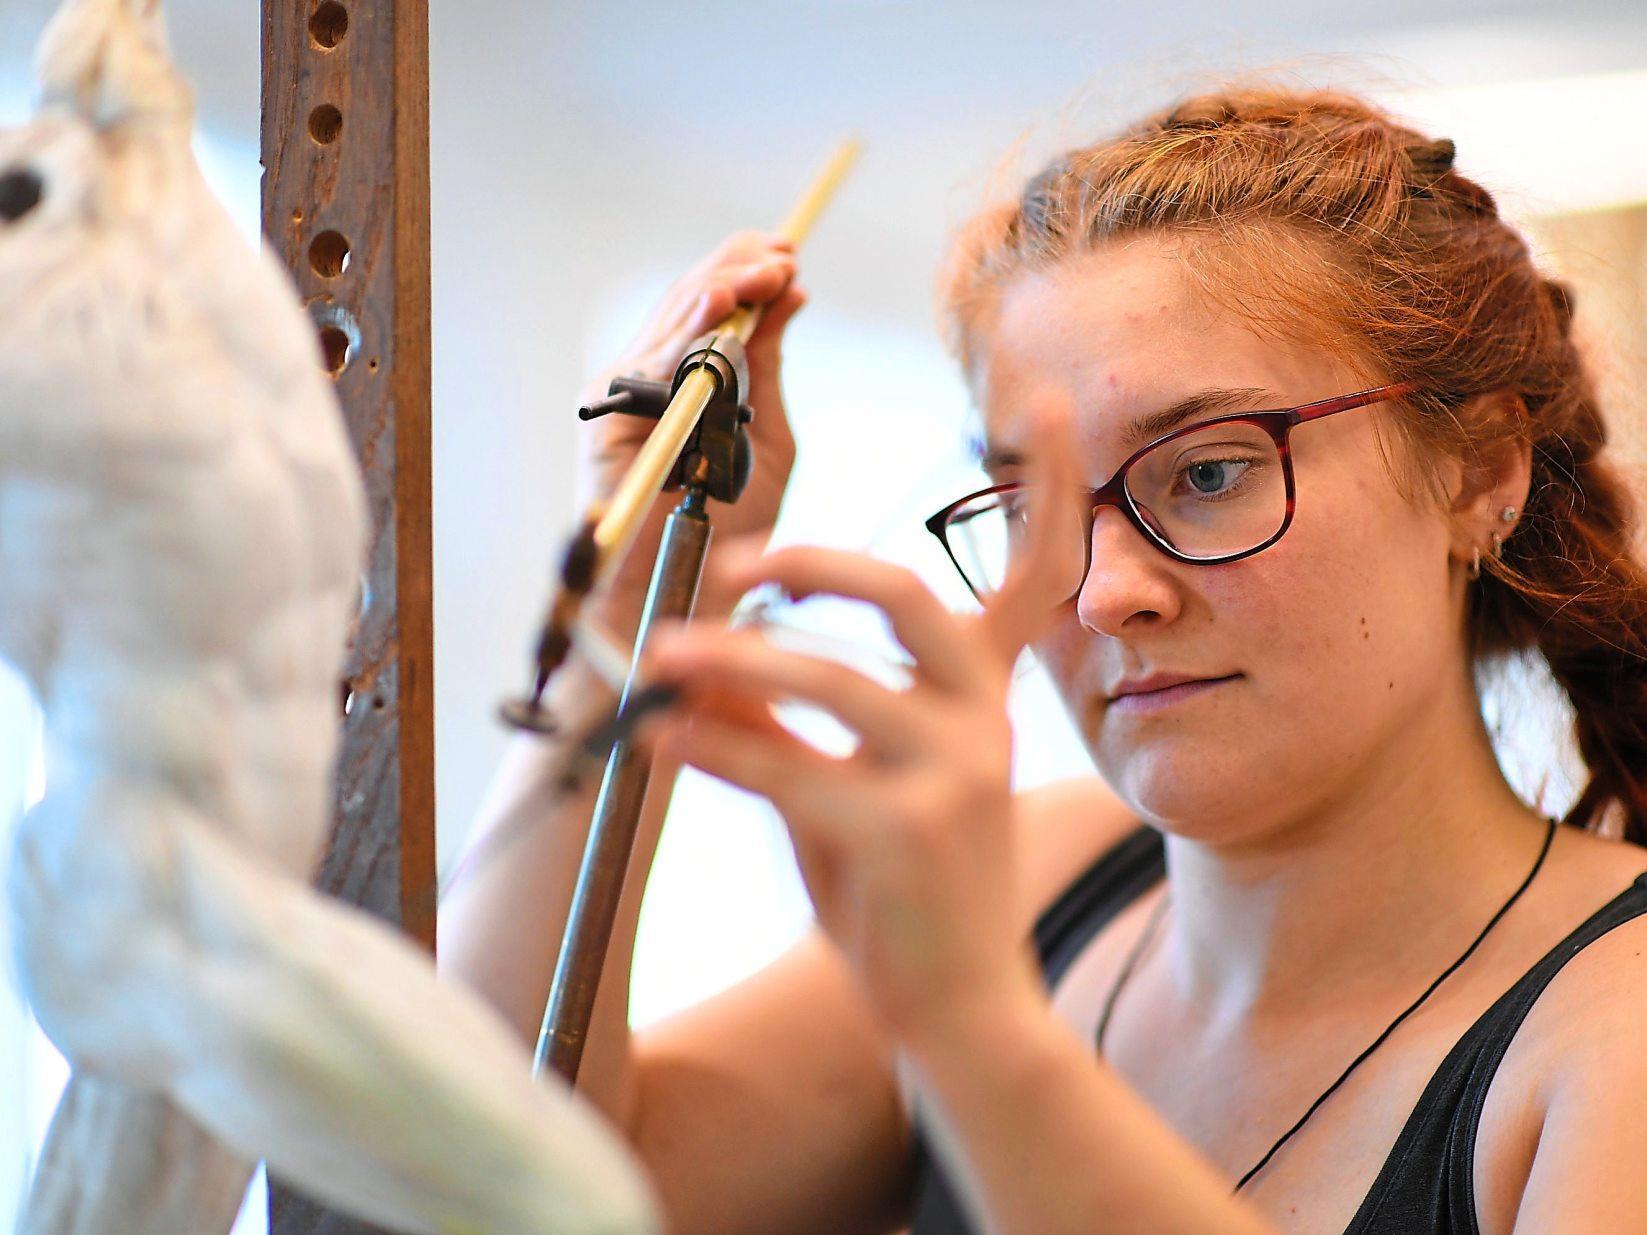 Die Proportionen müssen stimmen: Dafür lernen angehende Holzbildhauer wie Sophia Böhner Übertragungstechniken wie das Punktieren. Foto: Angelika Warmuth/dpa